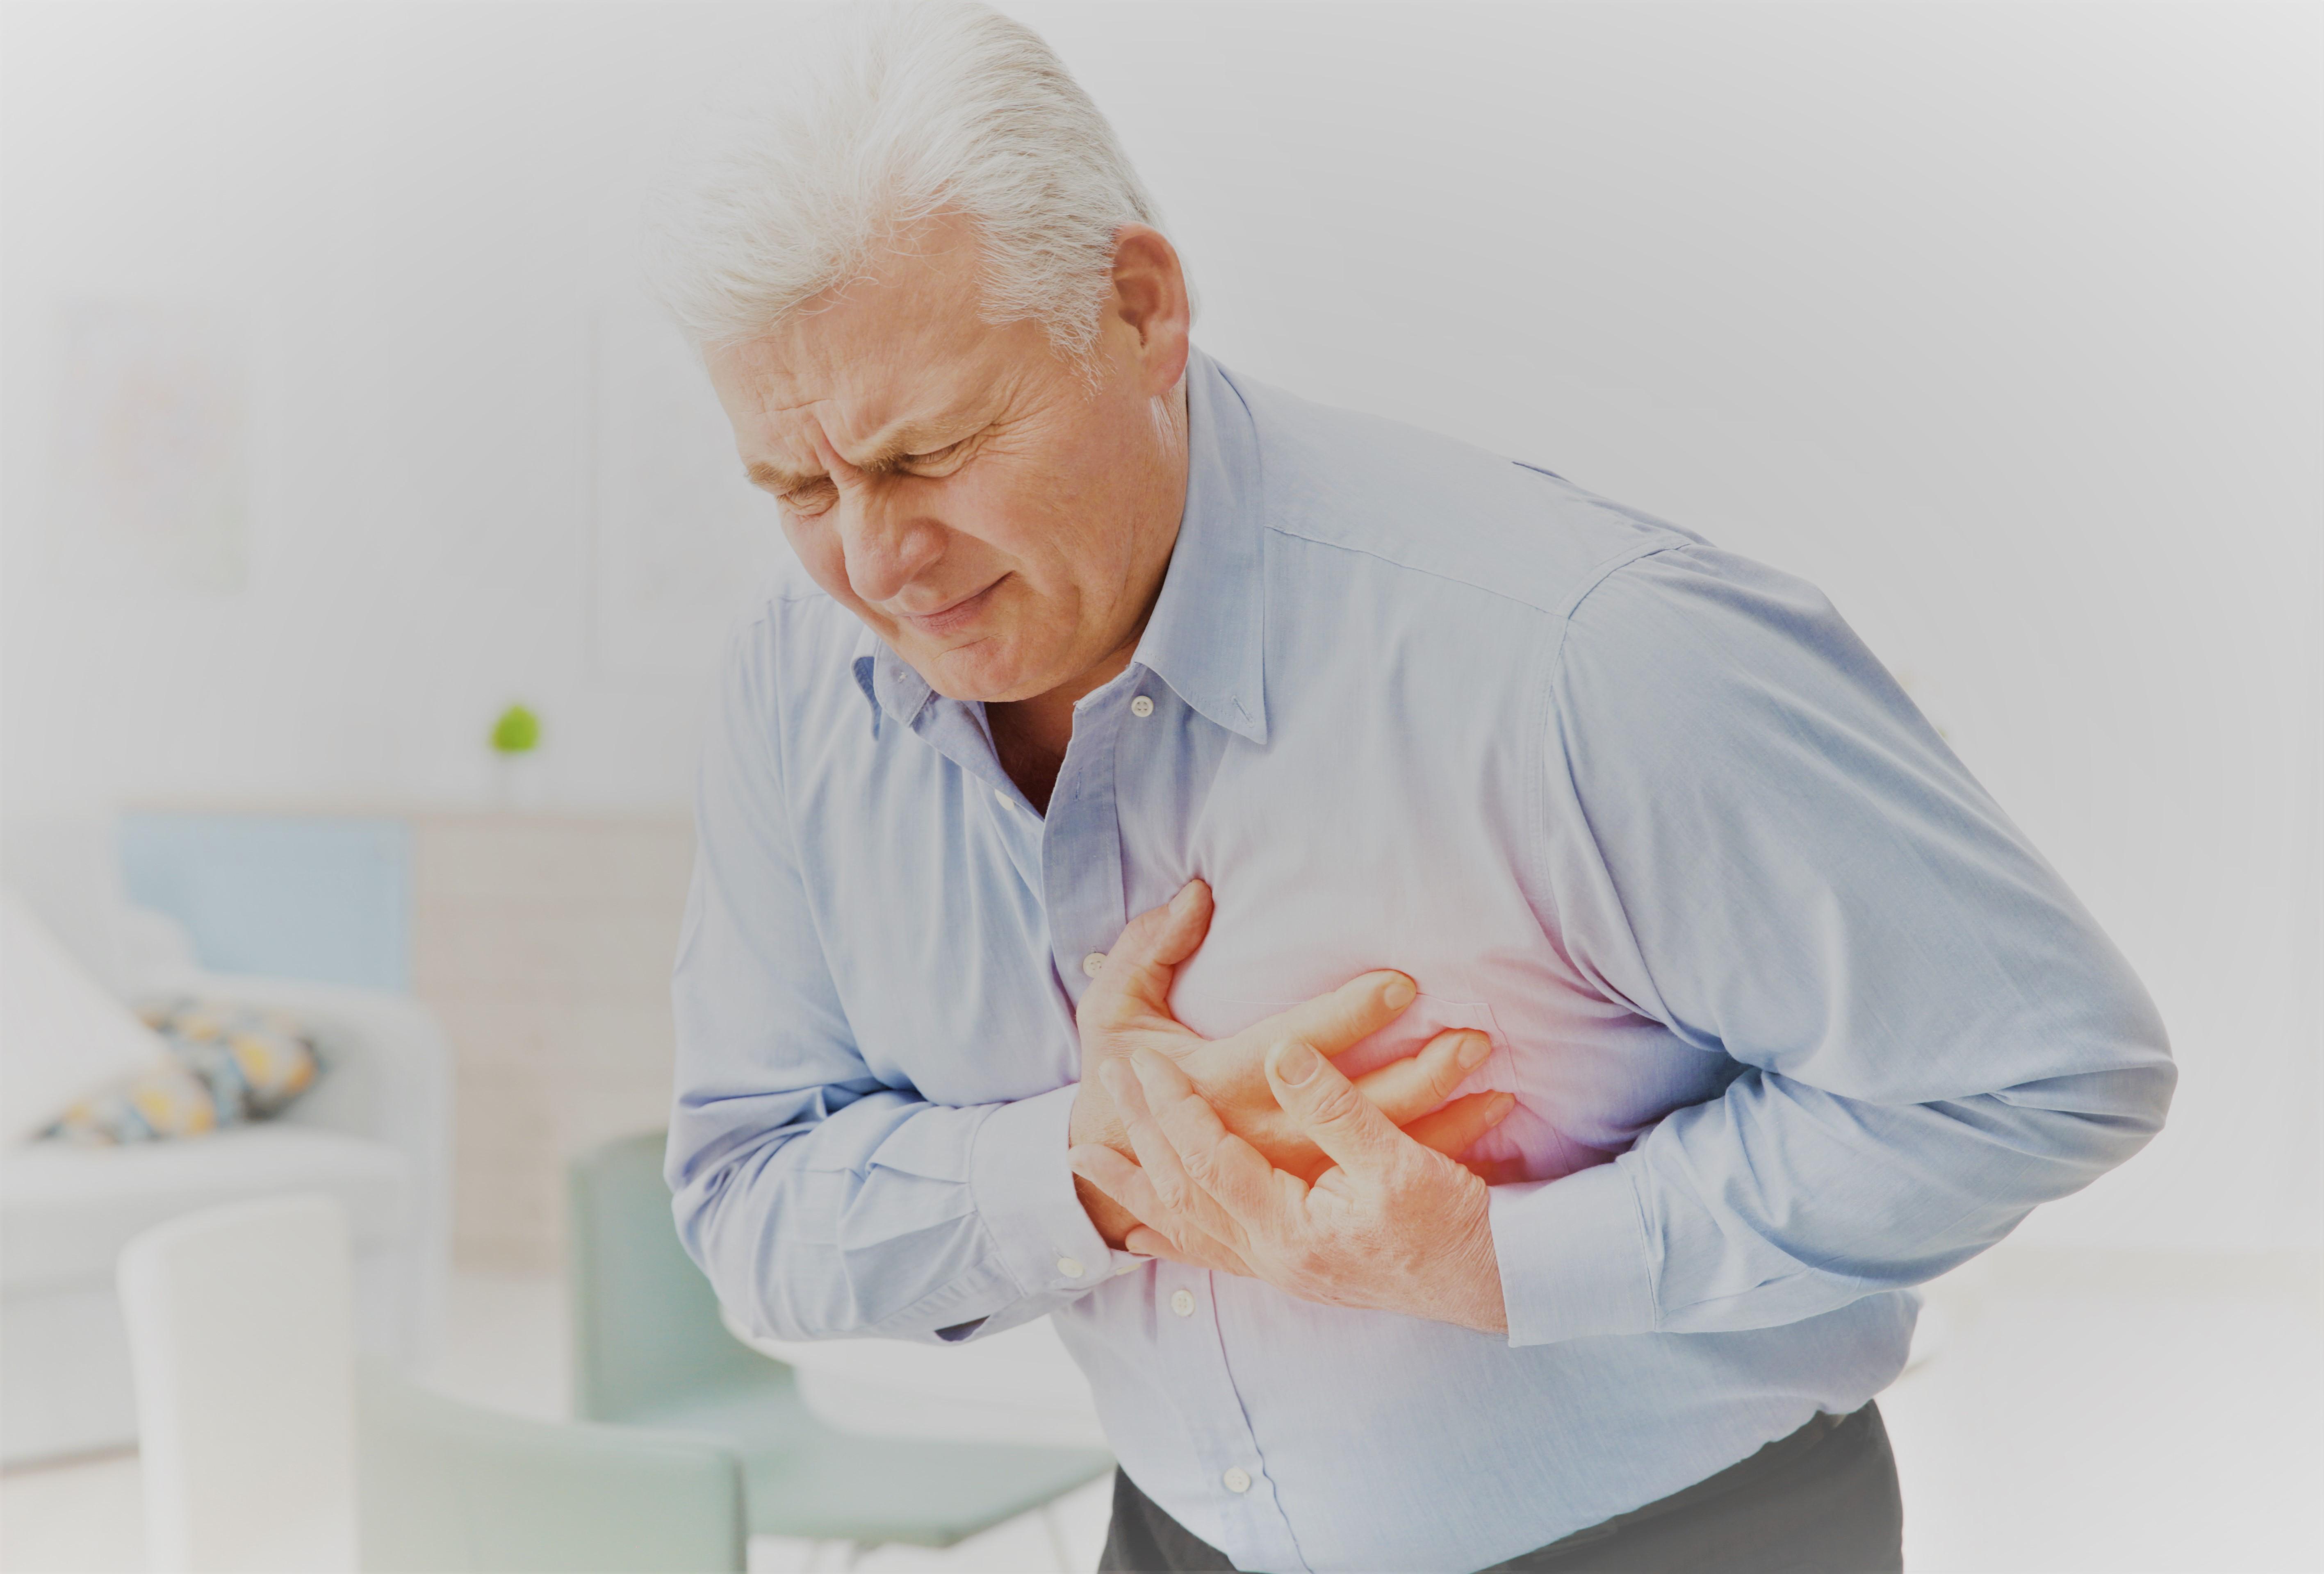 vállfájdalom magas vérnyomás